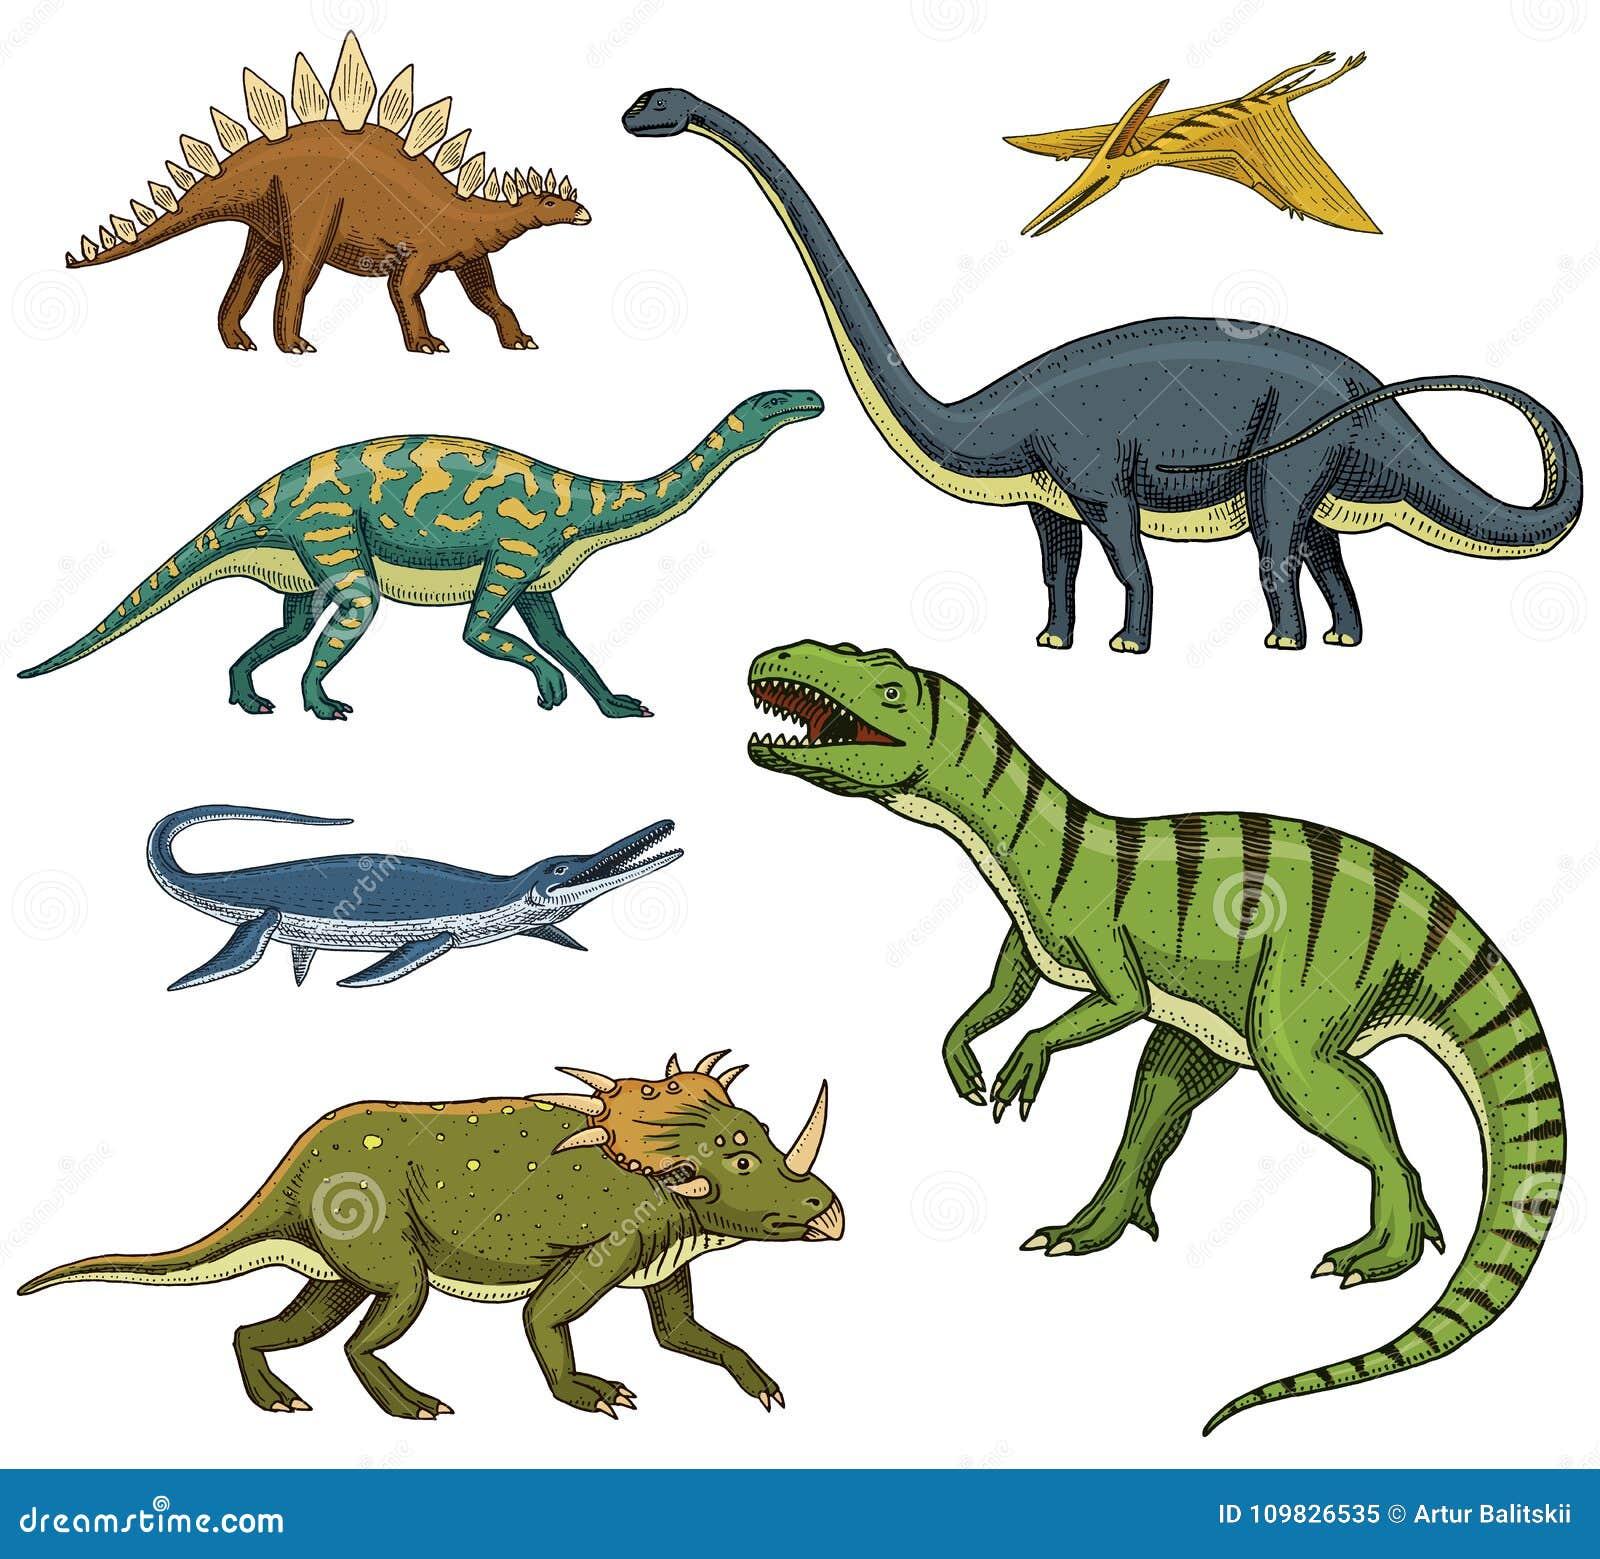 ha piumato!!! 1:50 in scala T-Rex Dinosauro Modello-come nessun altro